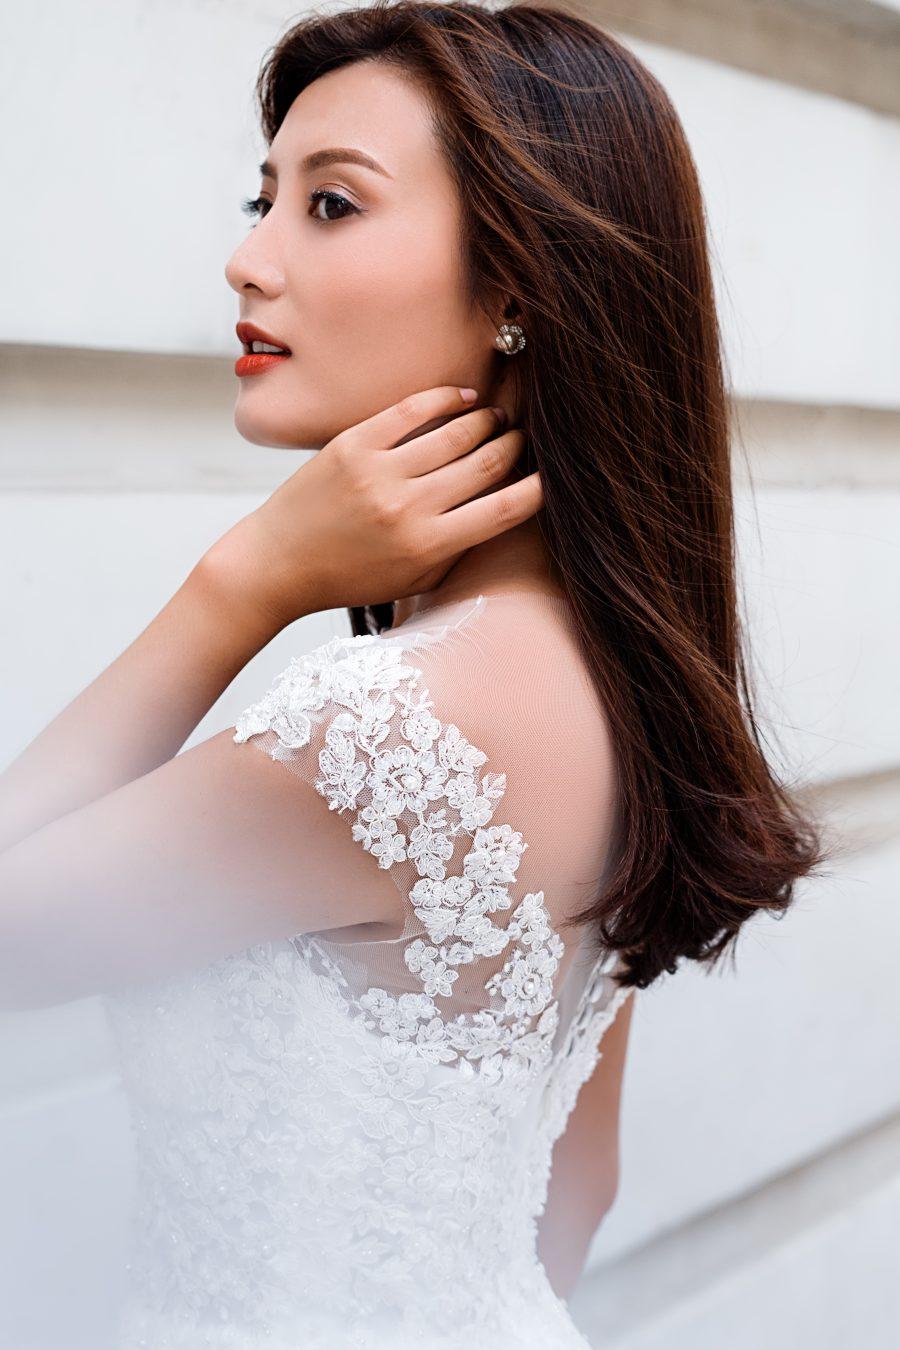 áo cưới chữ A màu trắng kem